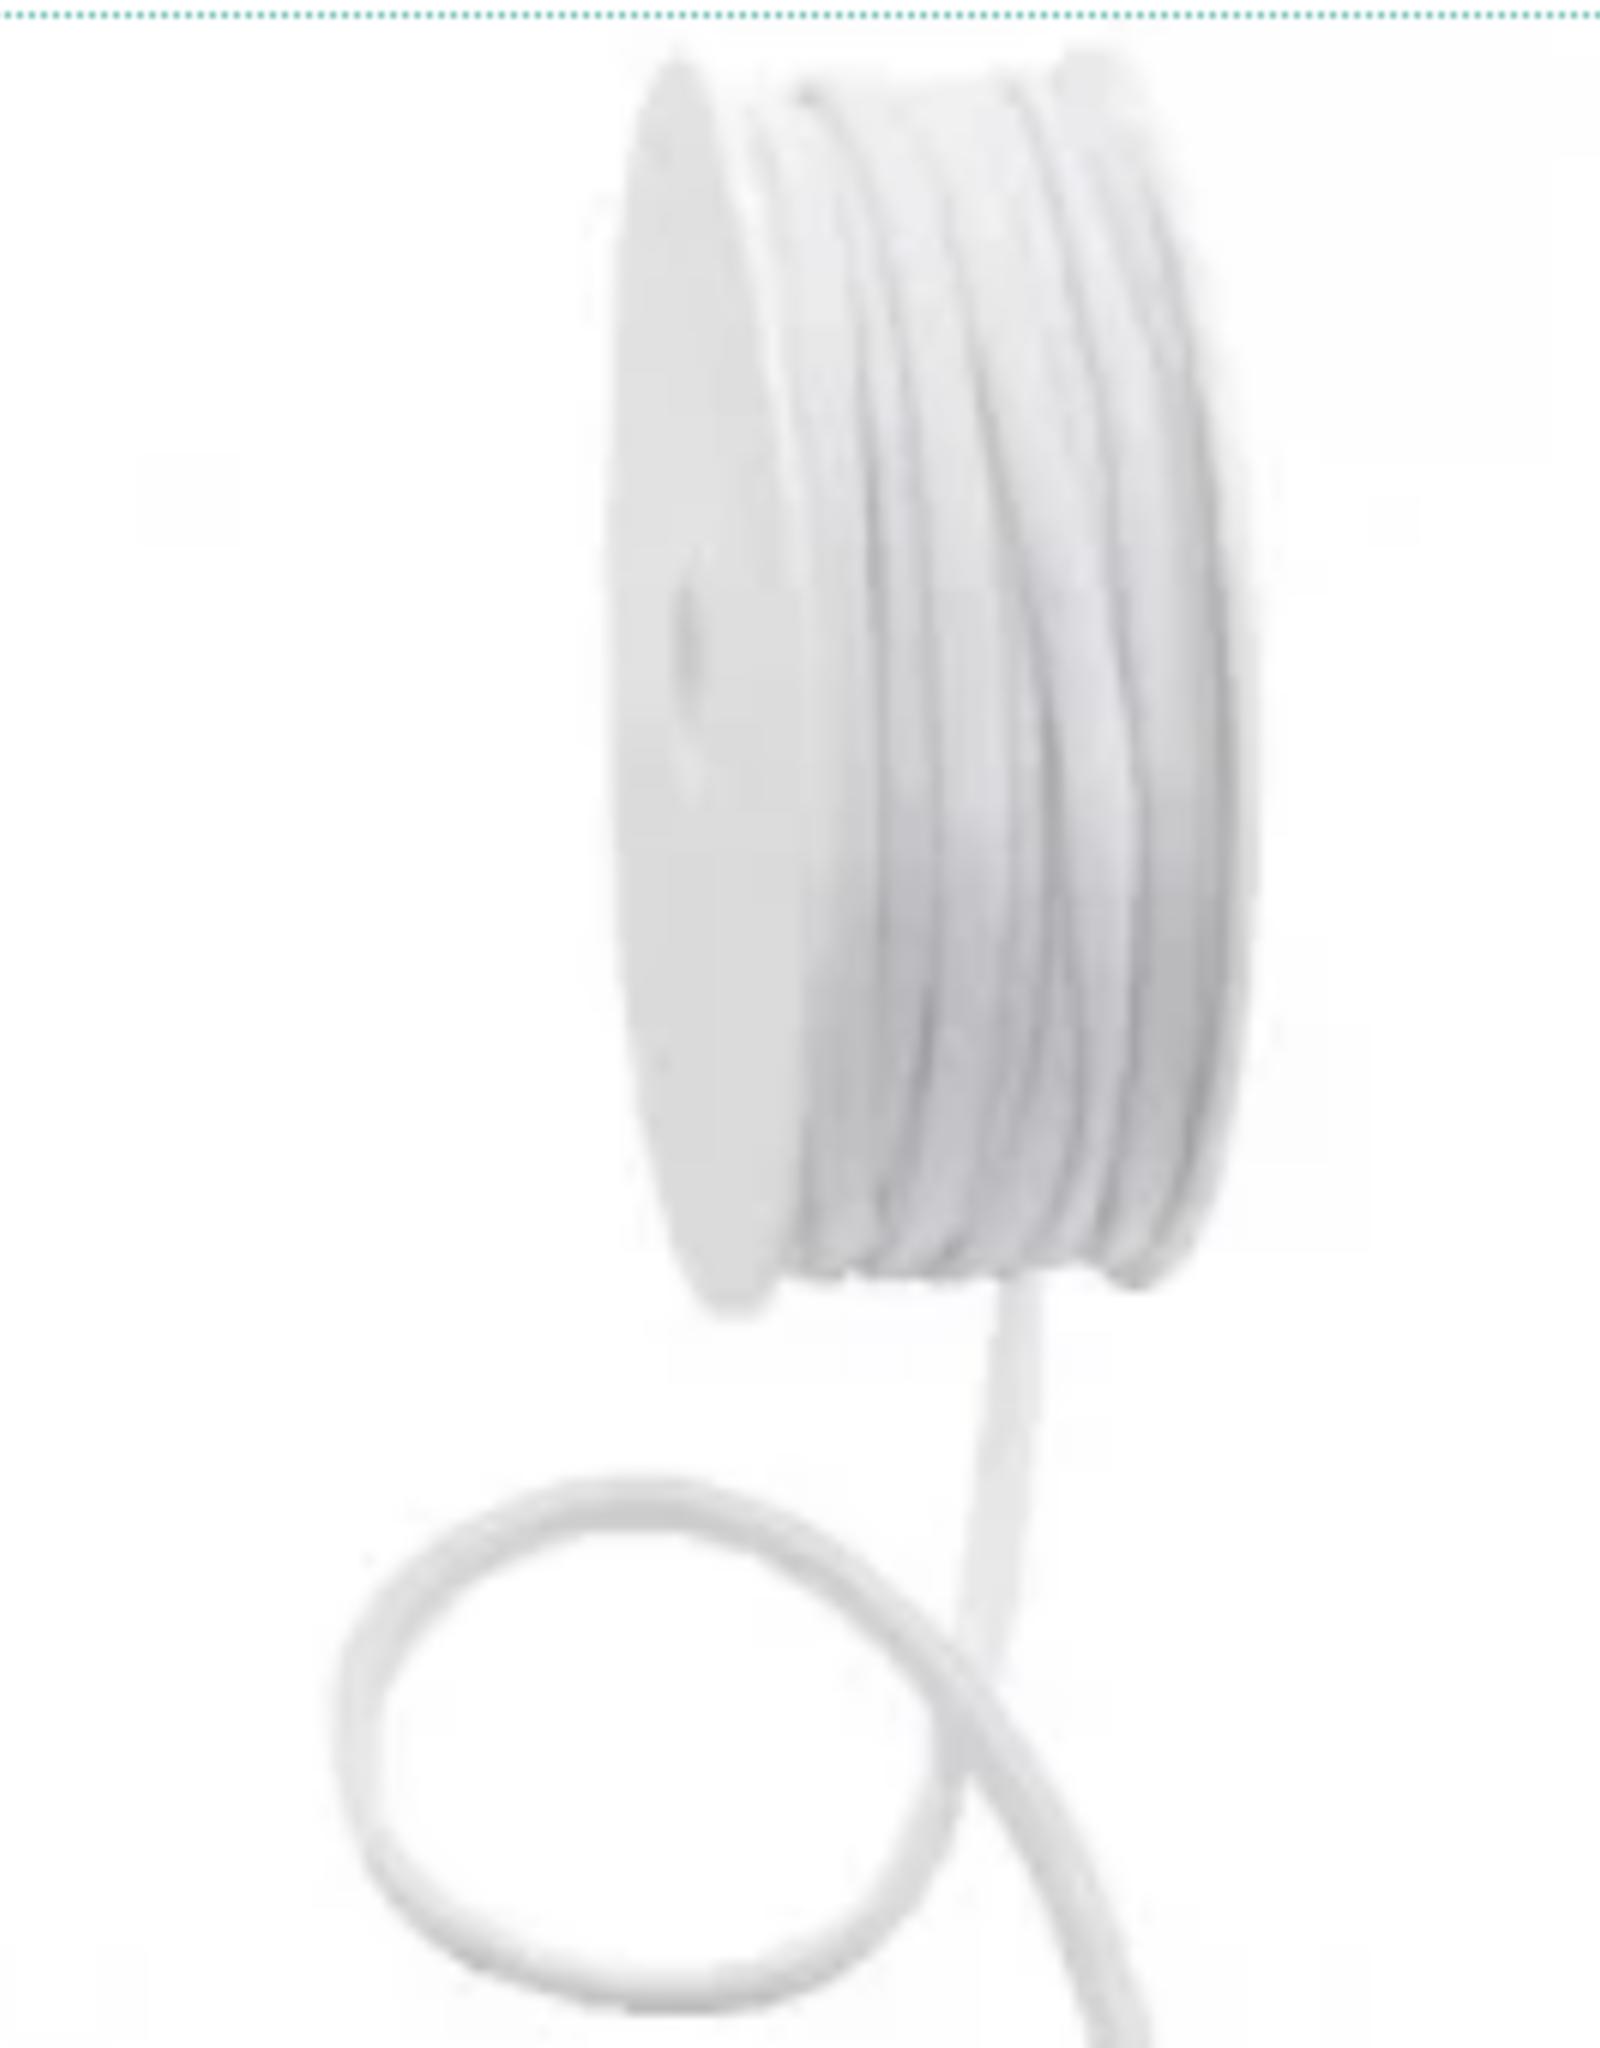 Elastiek soft voor mondmaskers - 3mm - Bundel van 5 meter